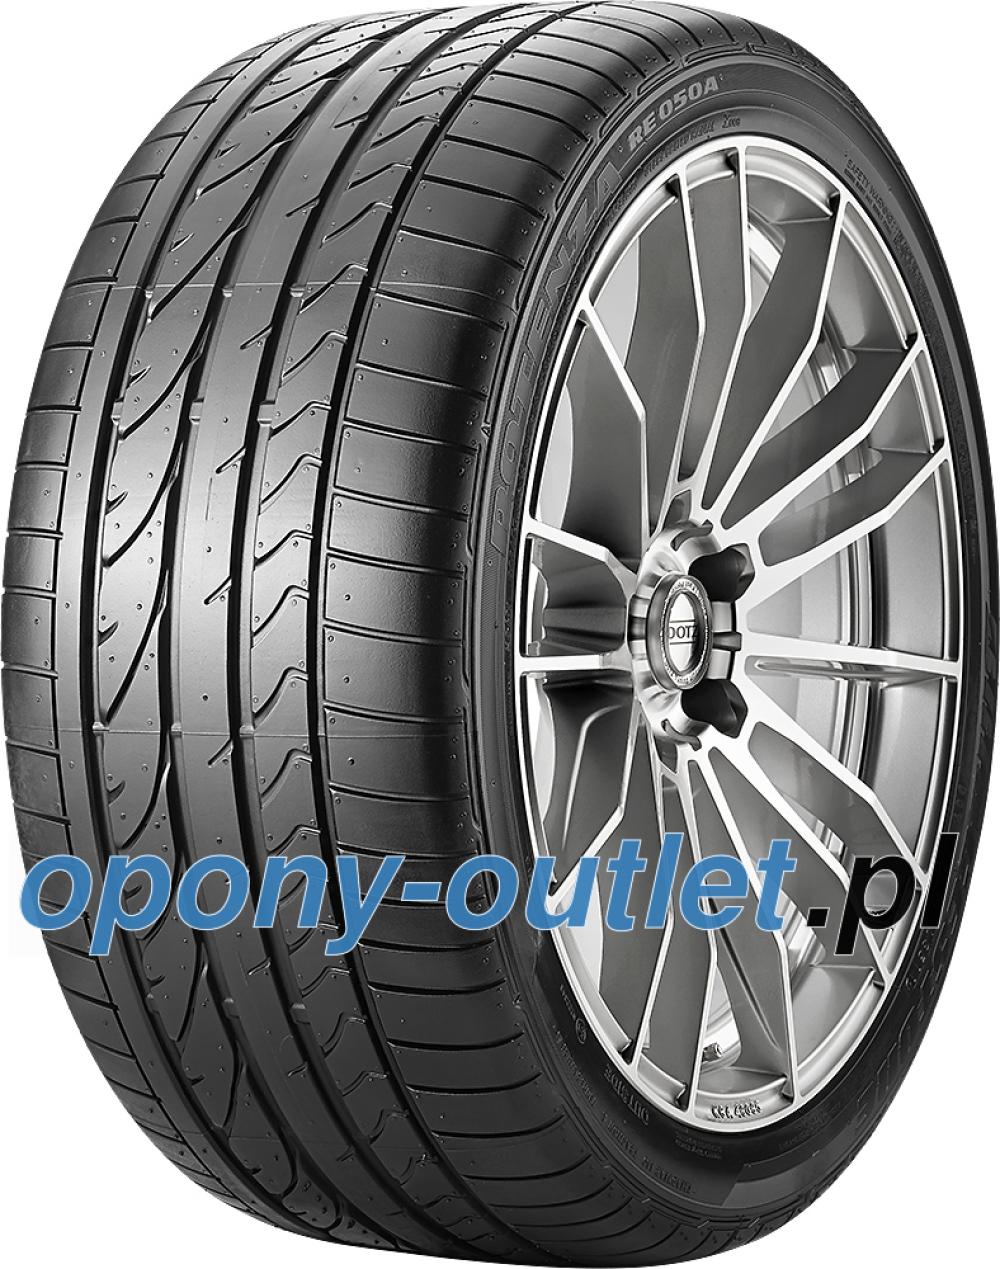 Bridgestone Potenza RE 050 A RFT ( 205/45 R17 88V XL *, runflat, osłona felgi (MFS) )